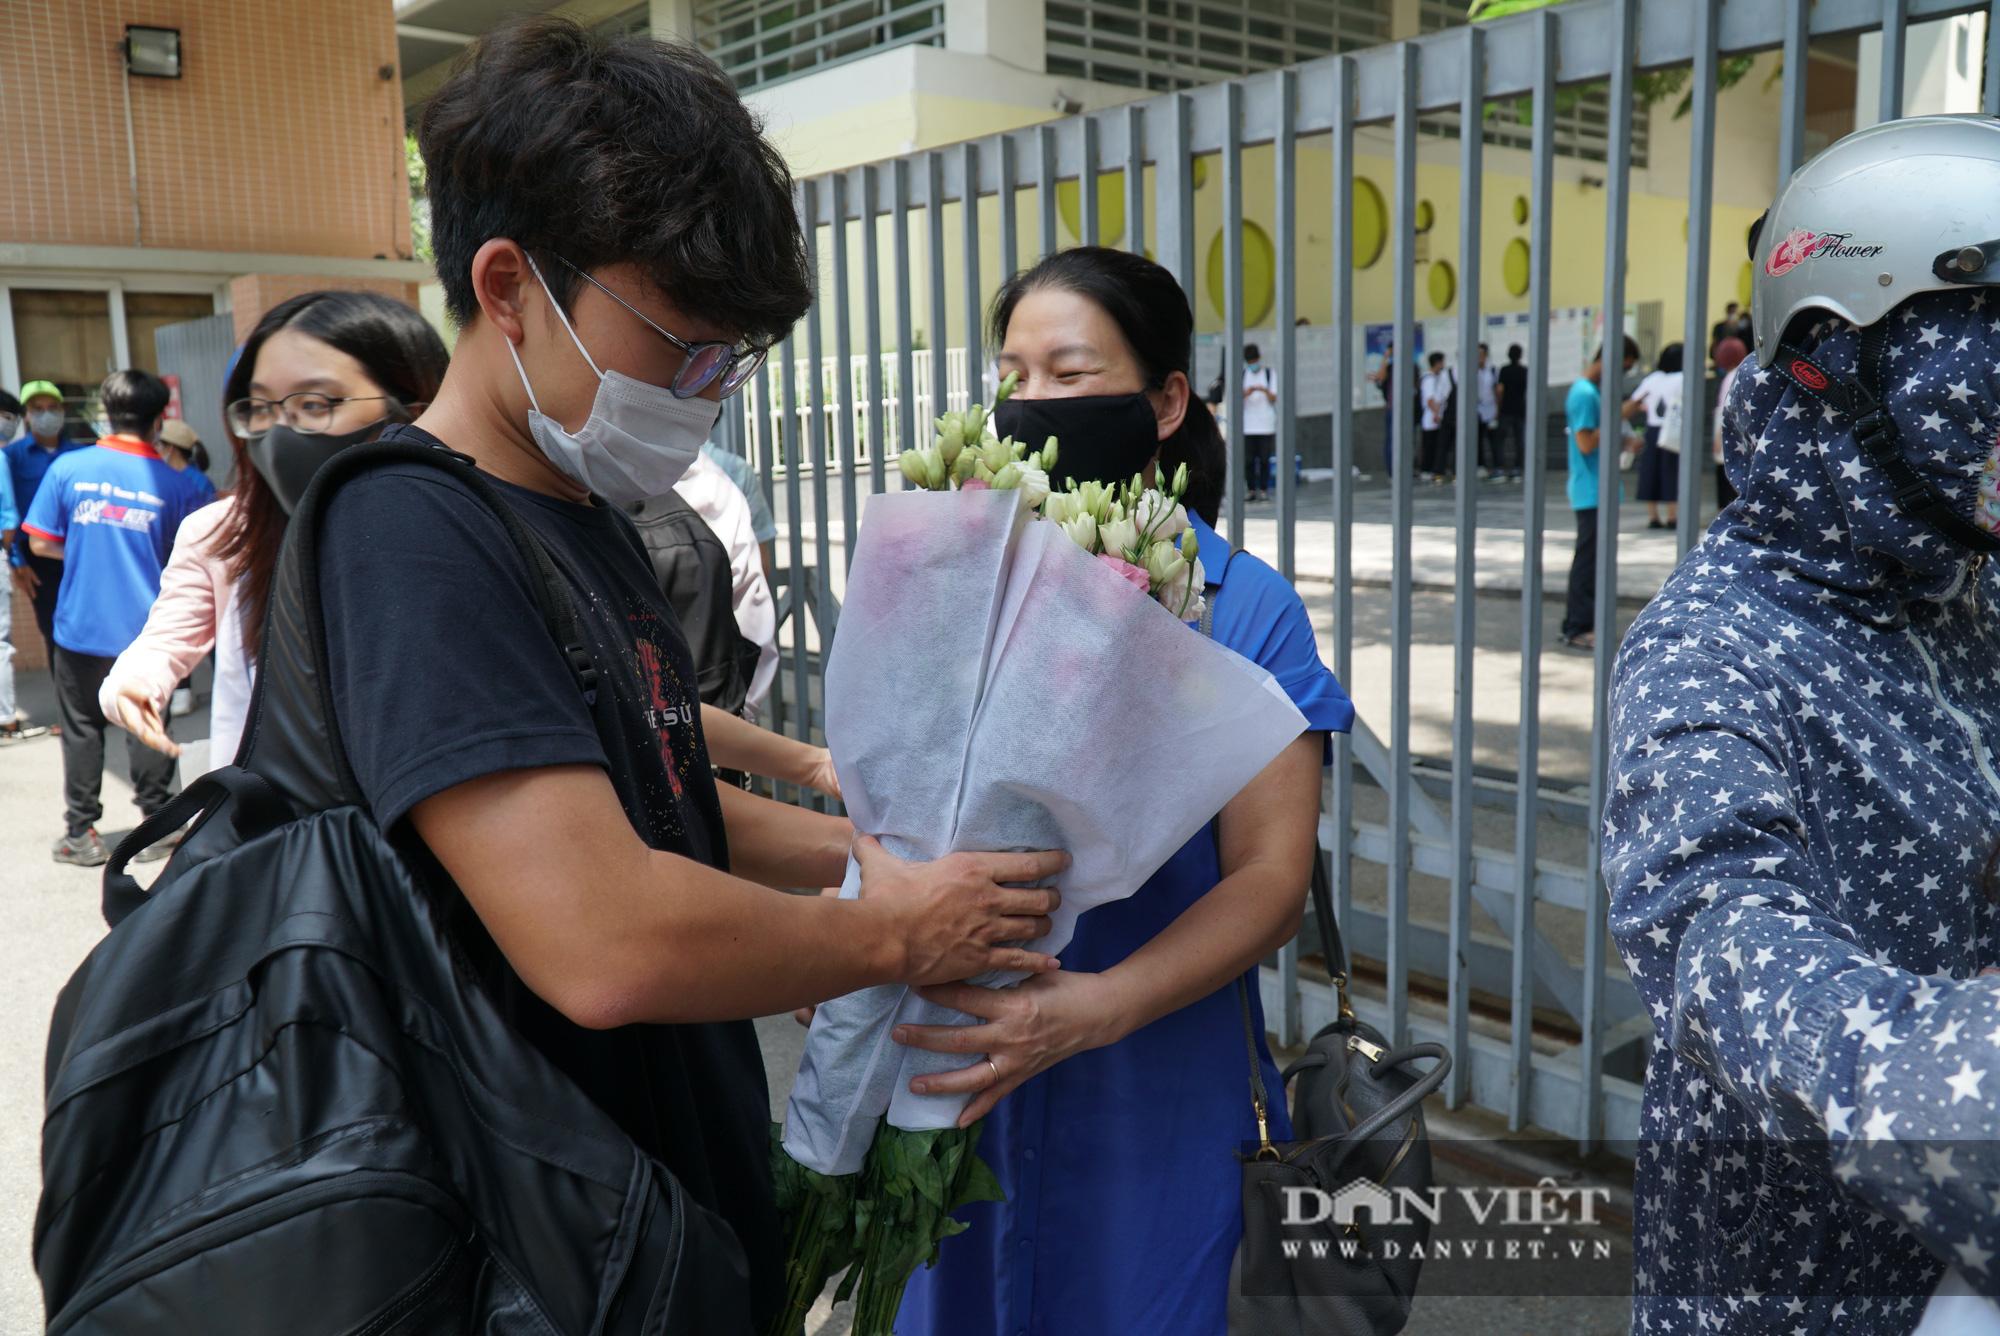 Thí sinh từ Đà Nẵng trở về cảm thấy thoải mái khi thi 1 mình một phòng - Ảnh 9.